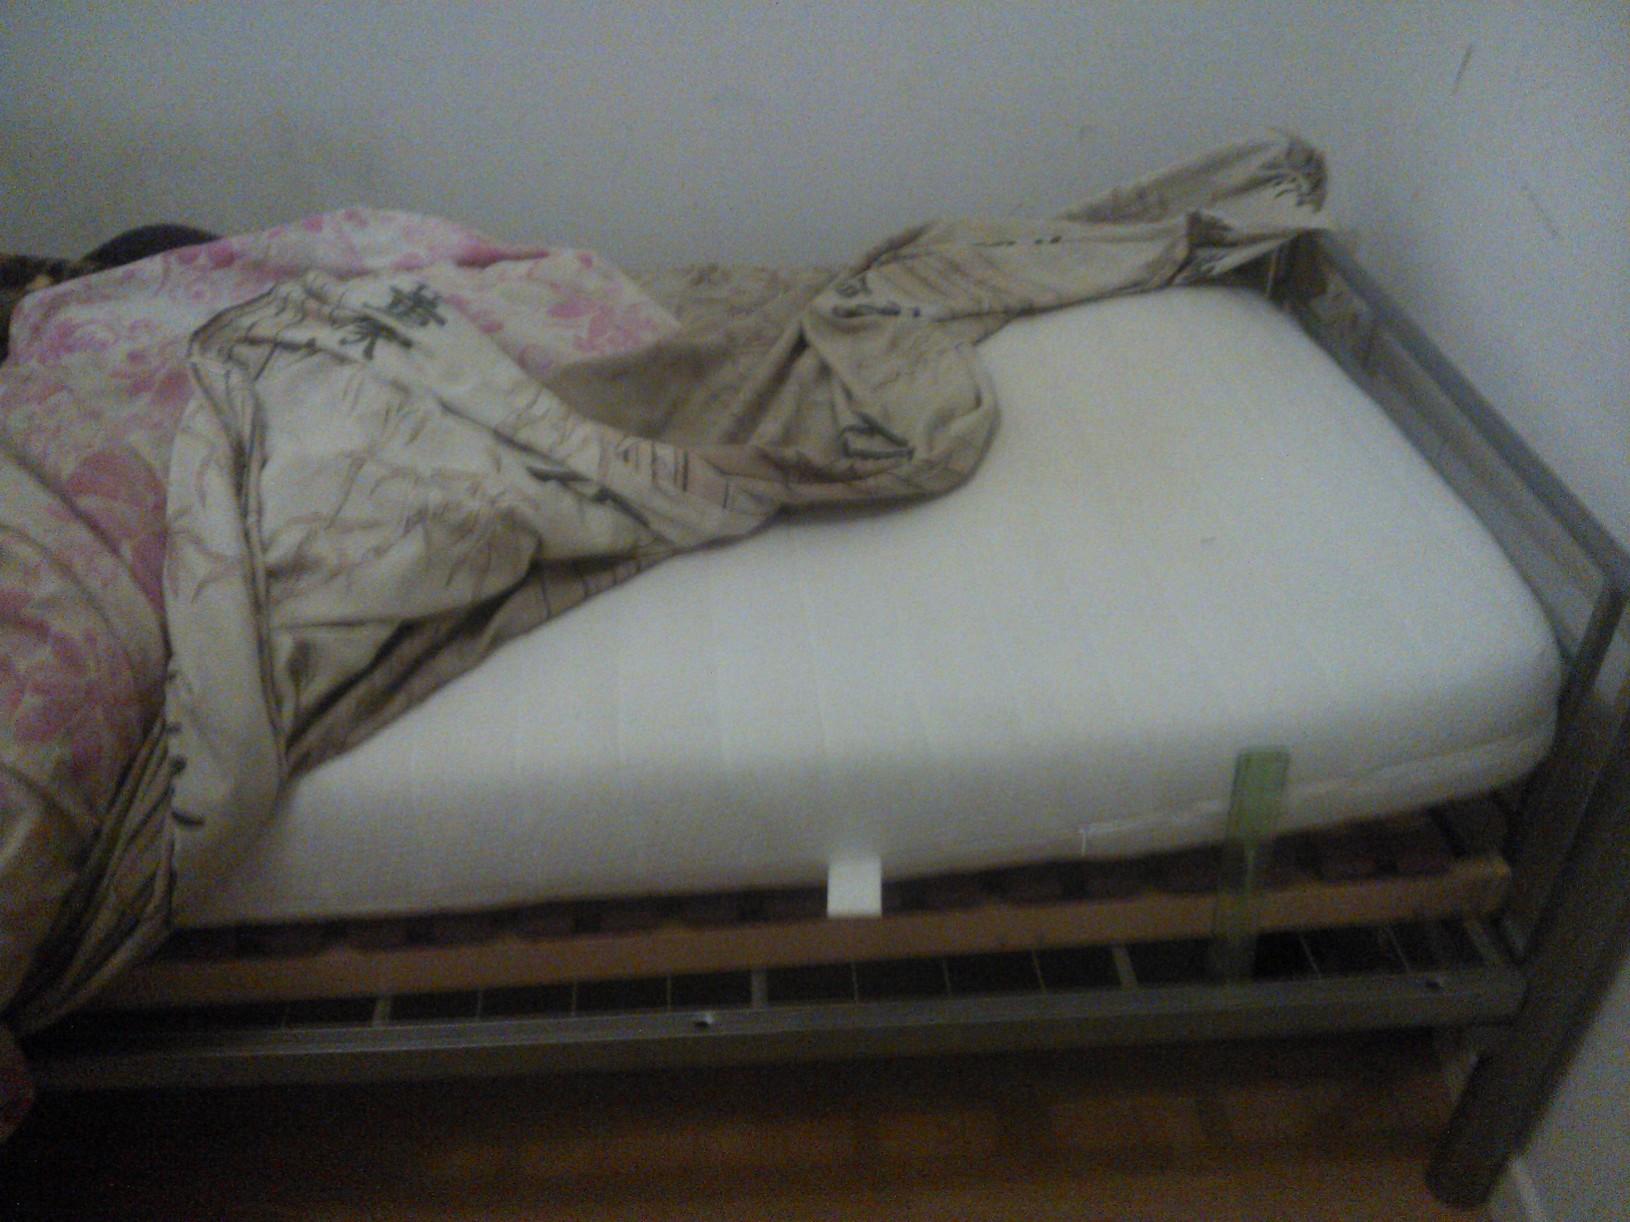 o acheter un lit et un matelas sur le forum blabla 18 25 ans 15 01 2014 10 13 55. Black Bedroom Furniture Sets. Home Design Ideas